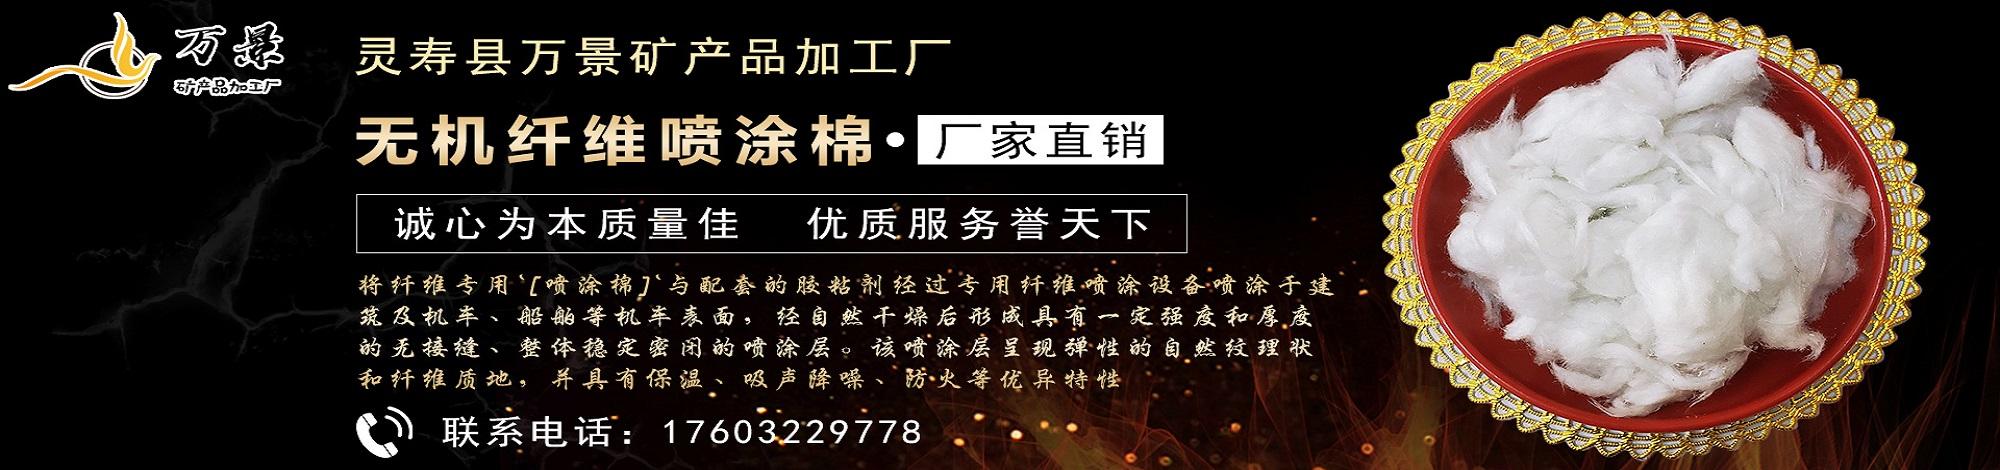 灵寿县万景矿产品加工厂